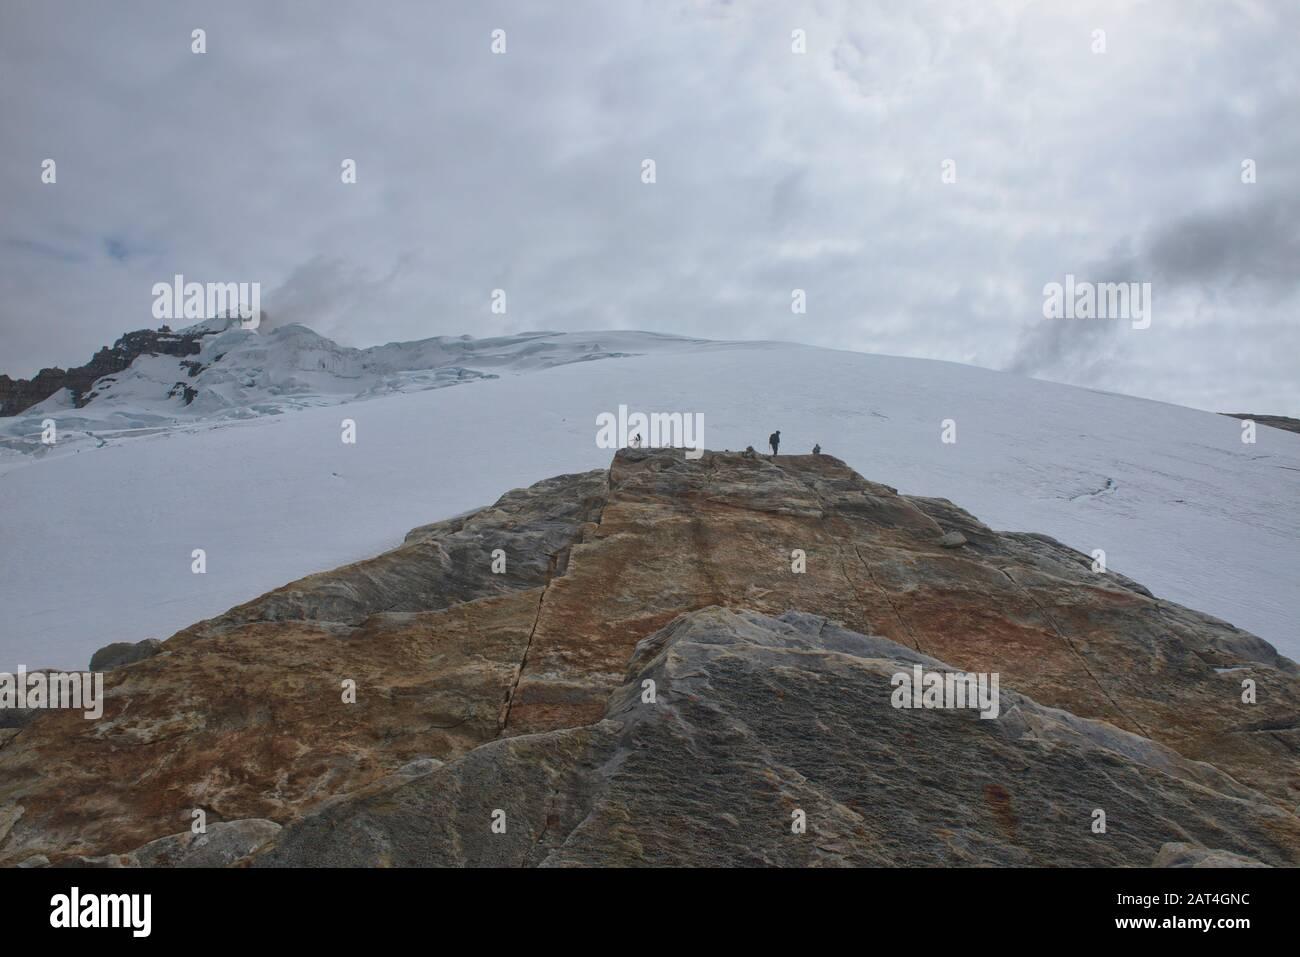 Escaladores Con Vista Al Glaciar Ritacuba, Parque Nacional El Cocuy, Boyacá, Colombia Foto de stock